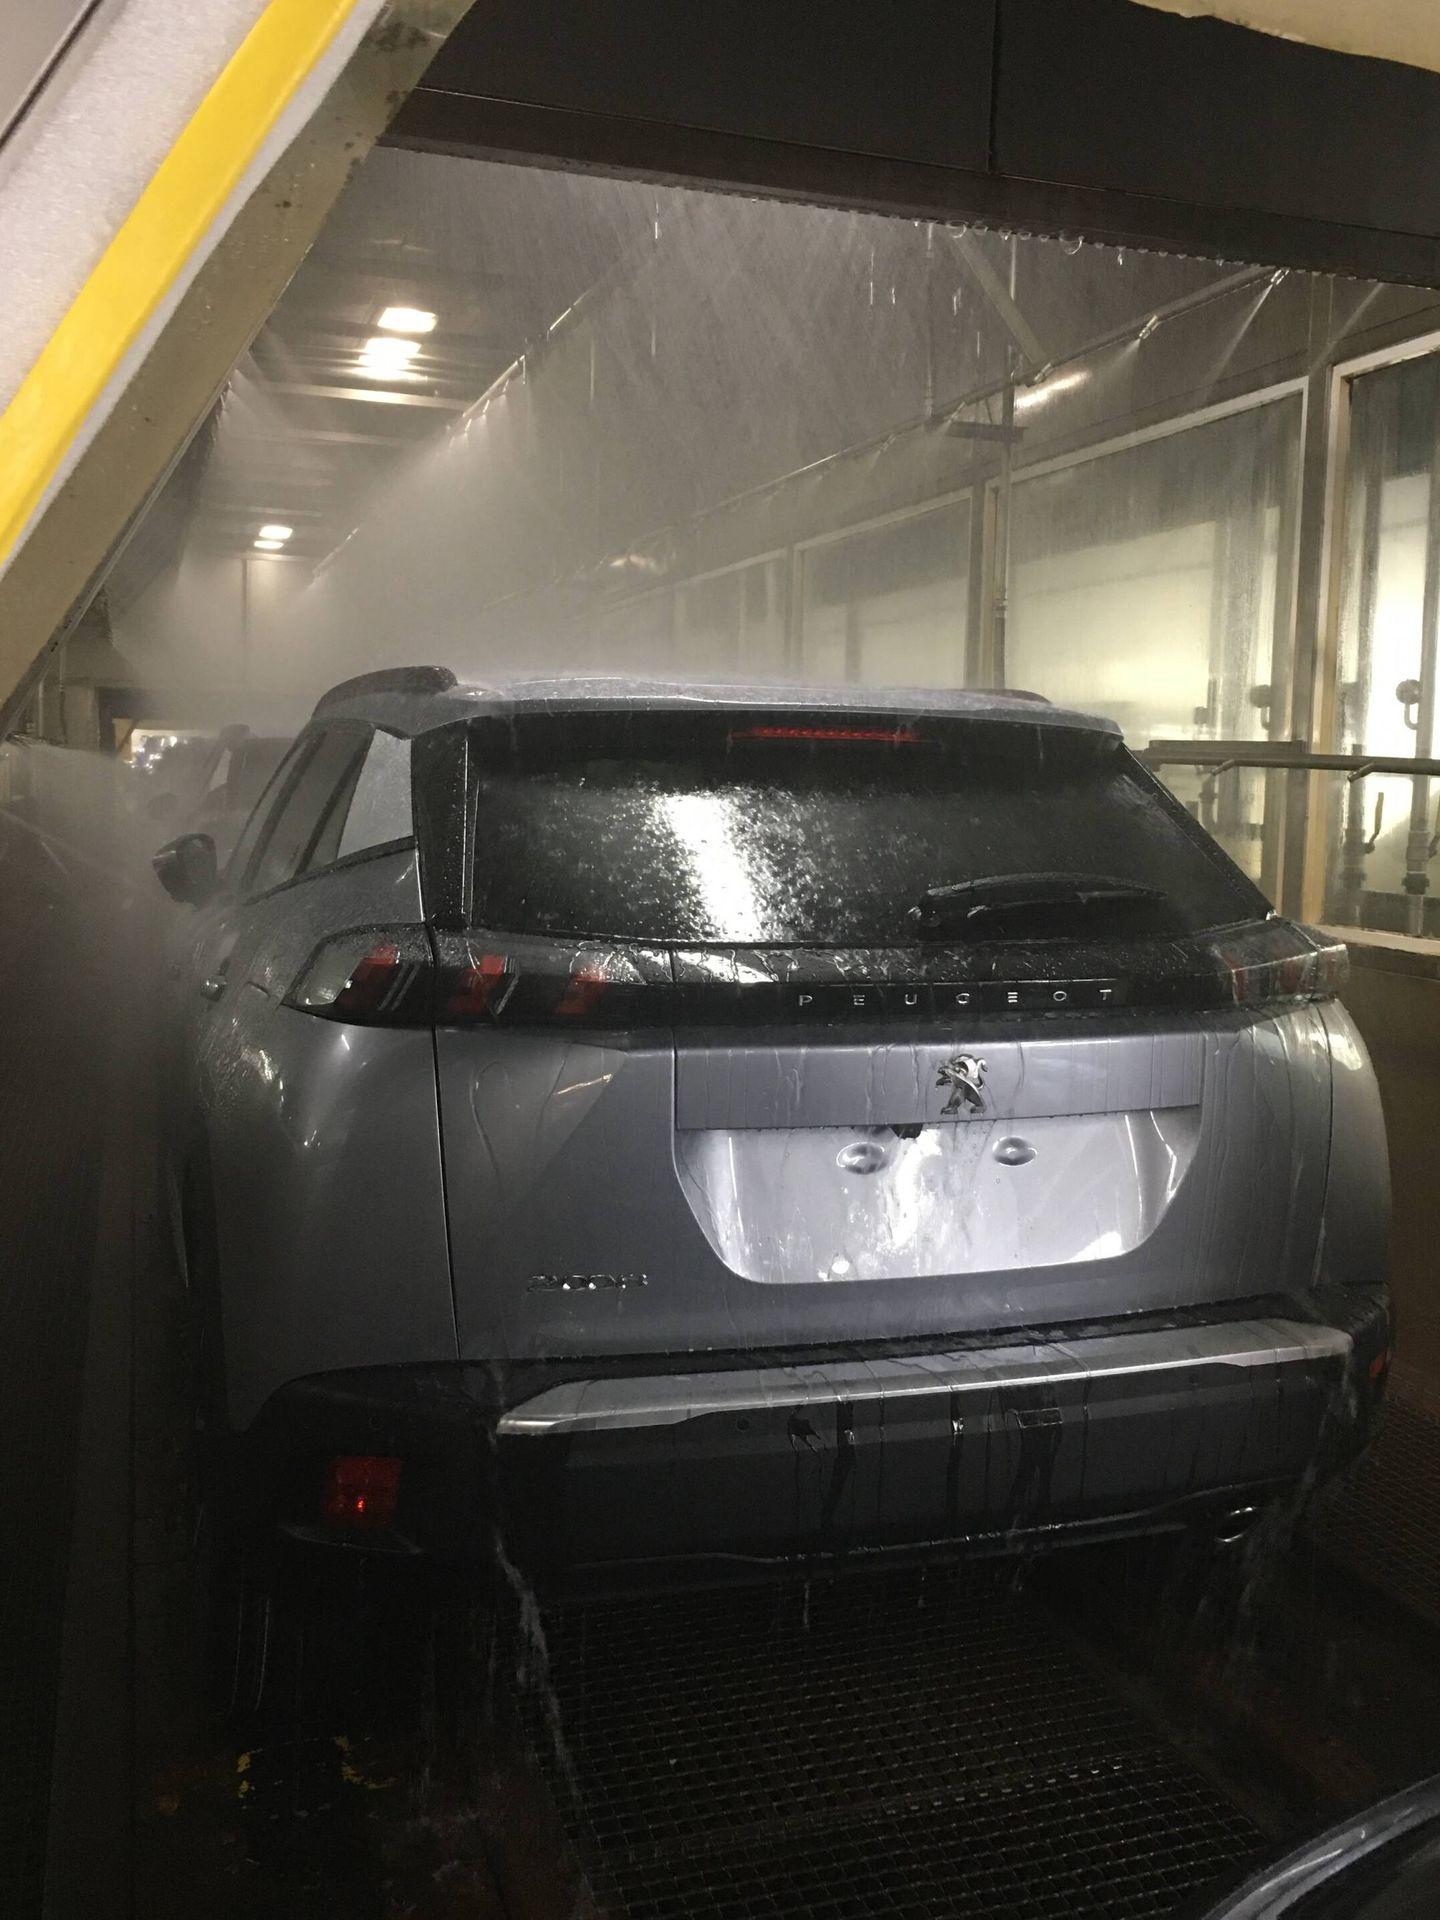 El grupo Stellantis, en sus plantas españolas de Vigo, Zaragoza y Madrid, somete a todos sus vehículos a rigurosas pruebas bajo el agua.